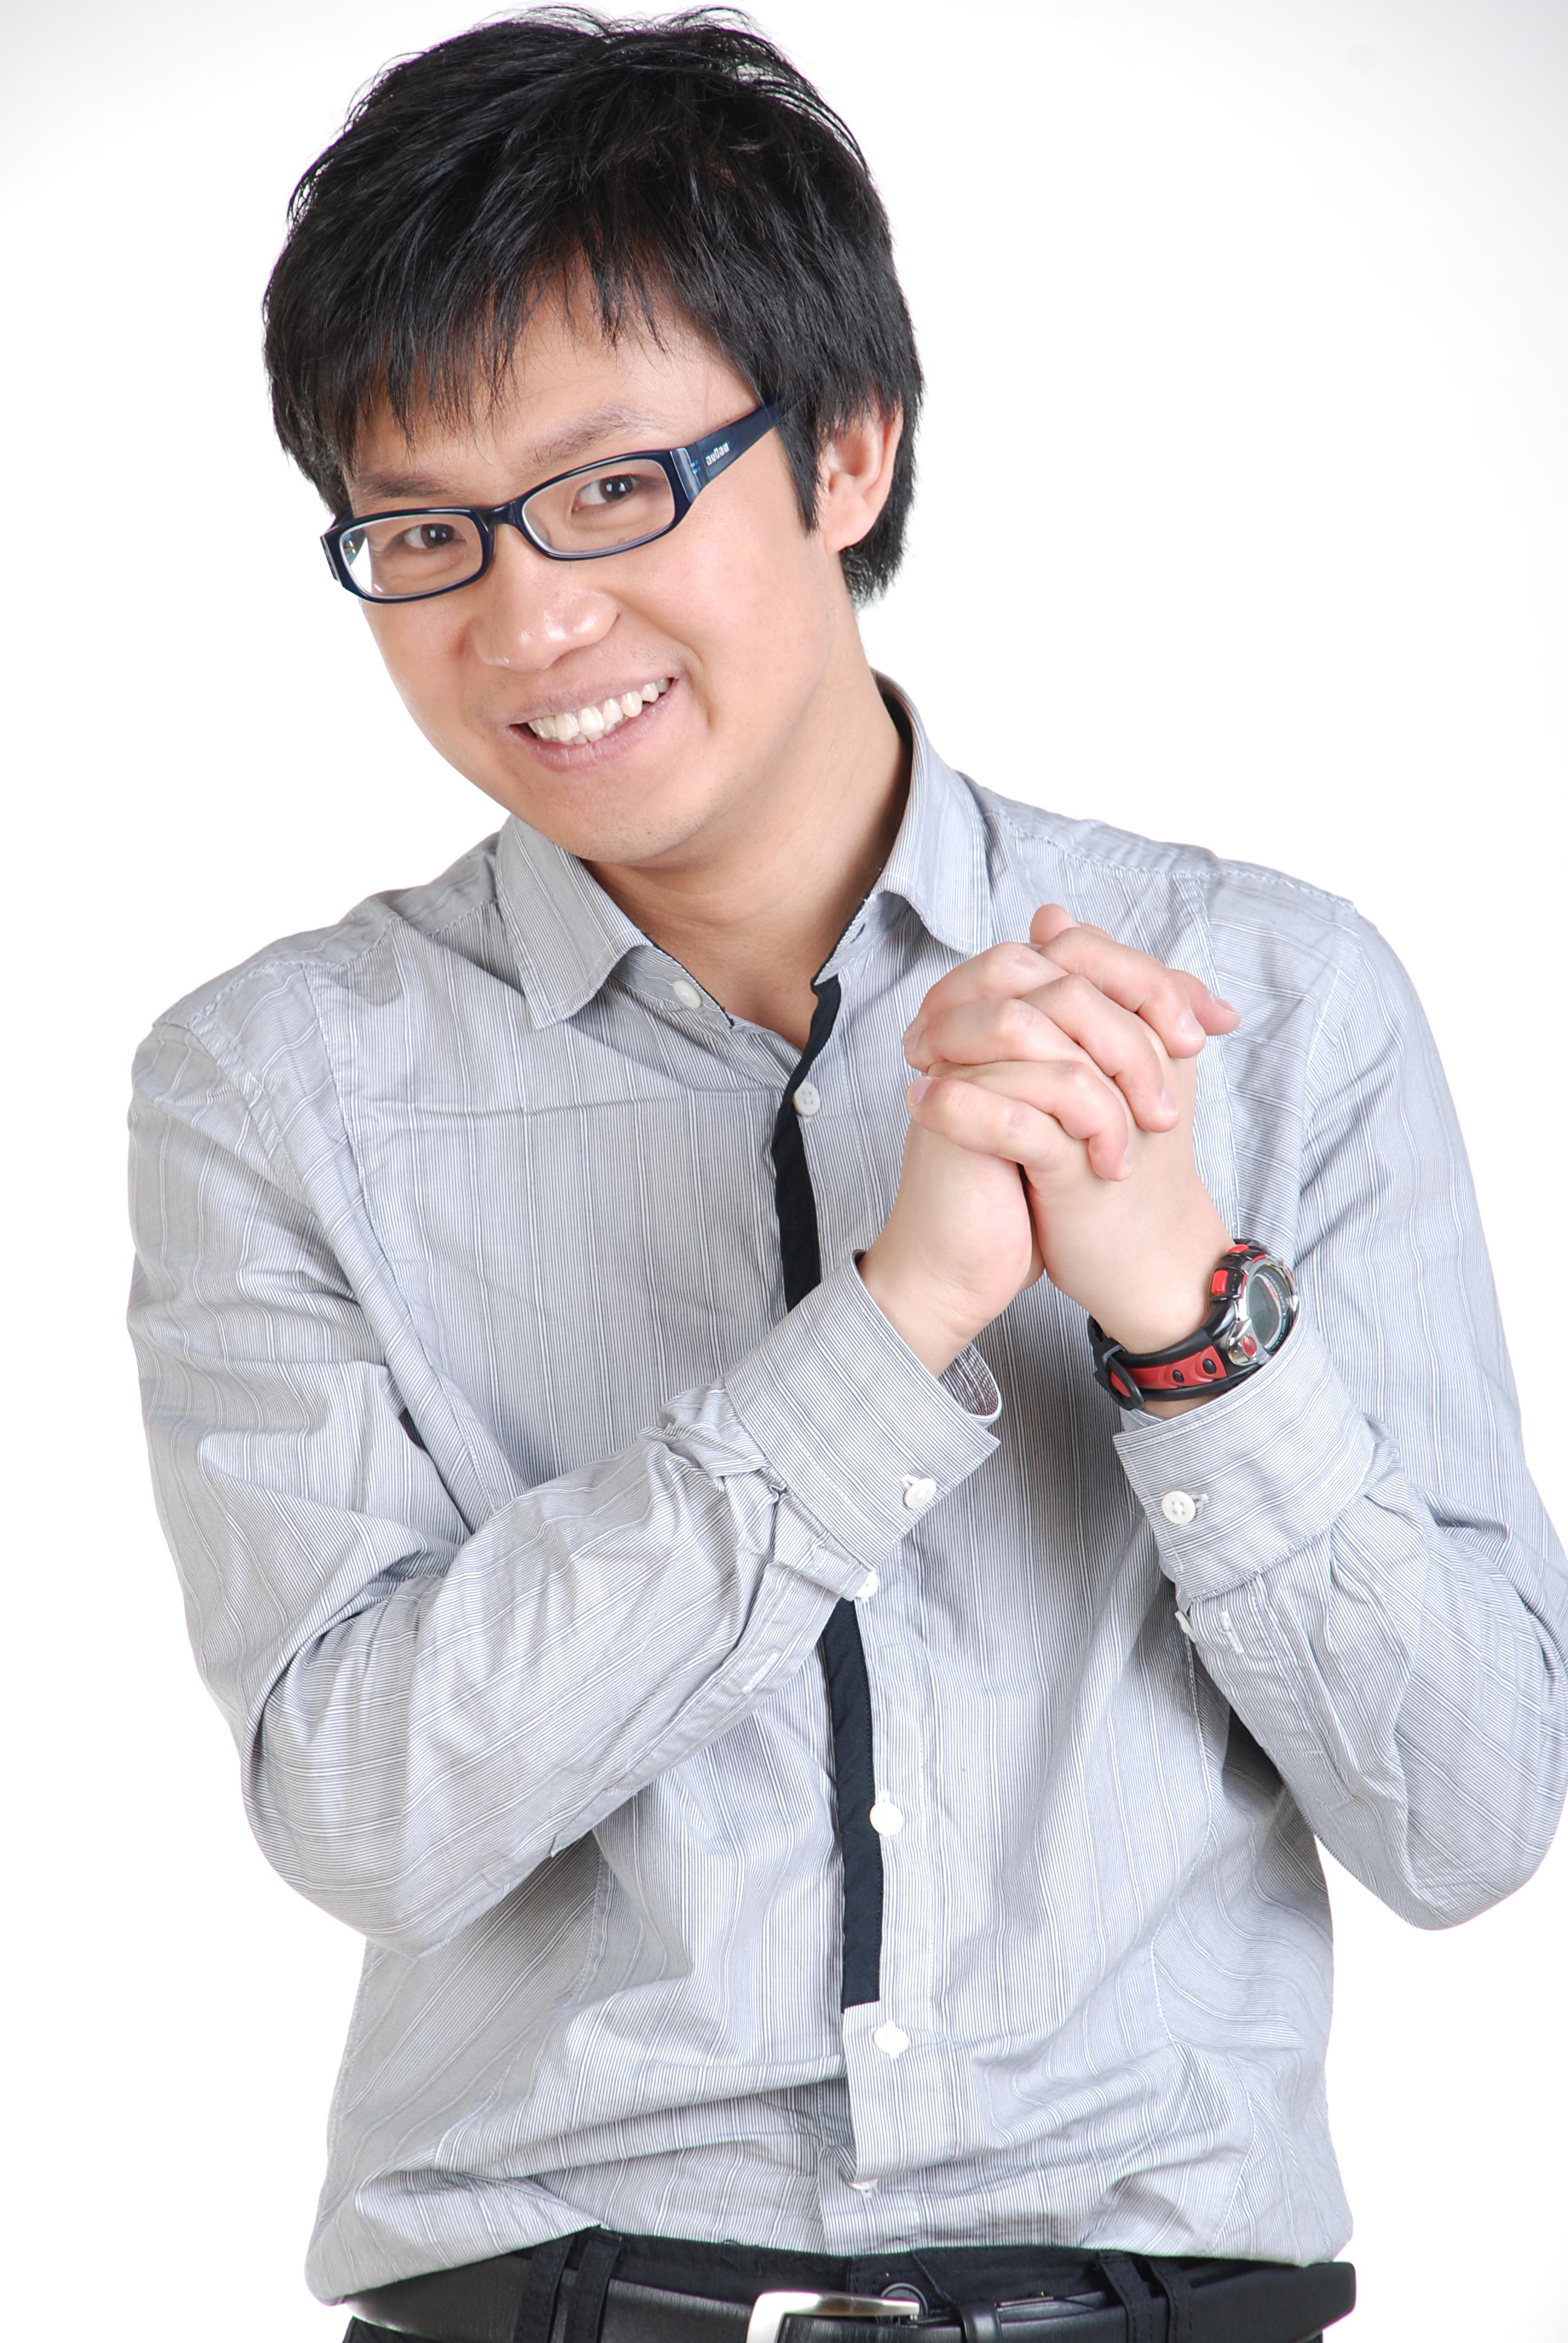 新东方名师第一时间权威解析2016高考政治试题答案(郑关飞)